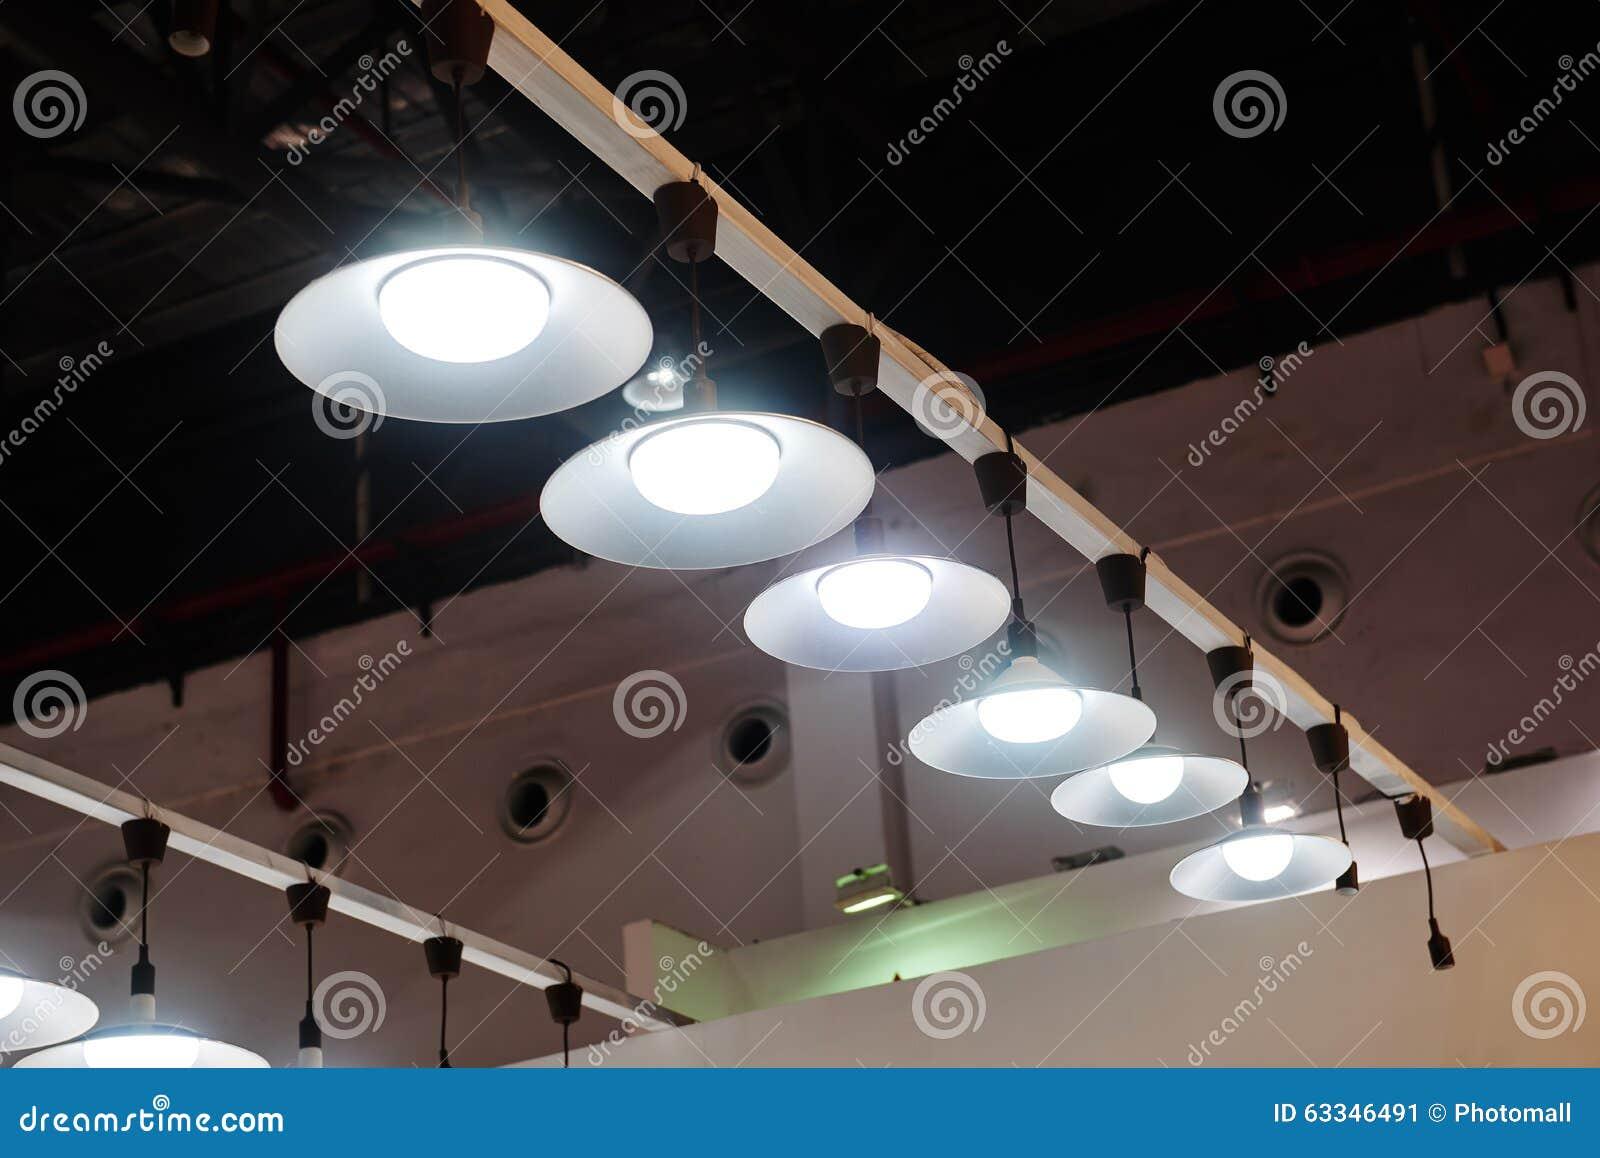 Iluminação de suspensão Led no escritório